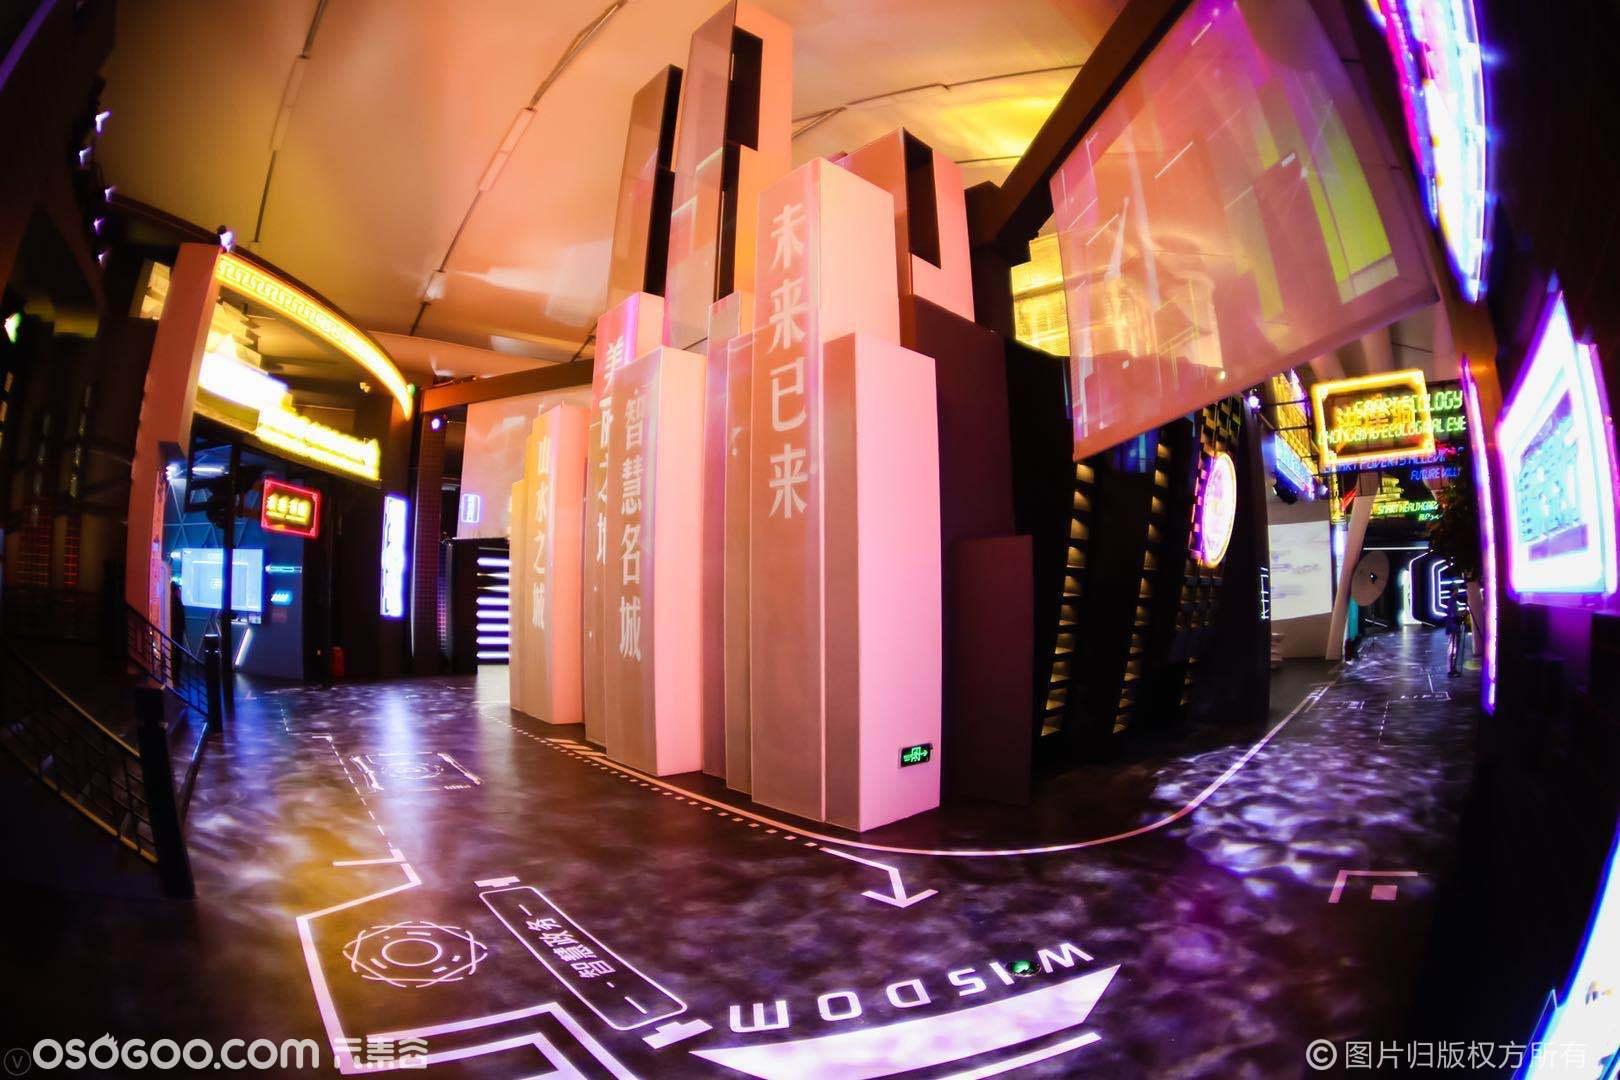 『 重庆·未来城市 』定制化城市主题展